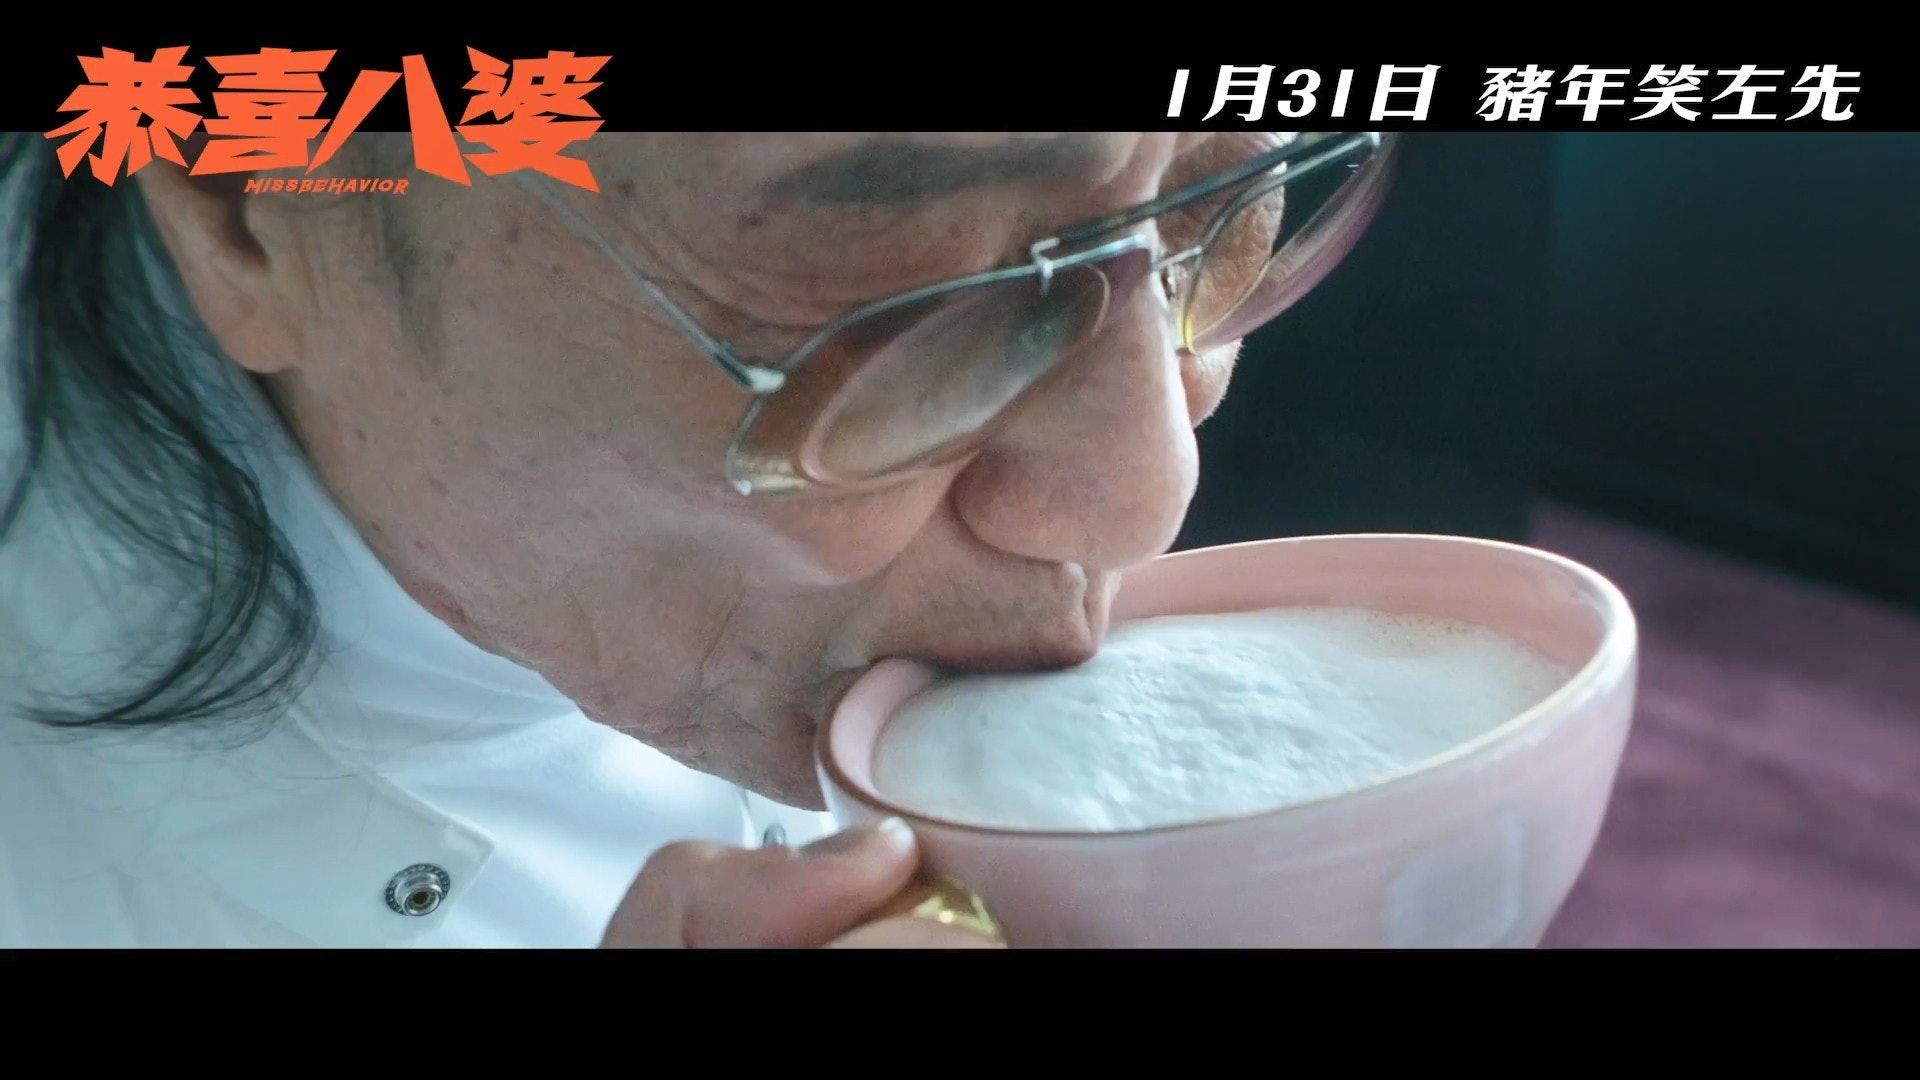 四哥話要飲低脂的白咖啡,誰知竟然加了Isabella的人奶。(影片截圖)